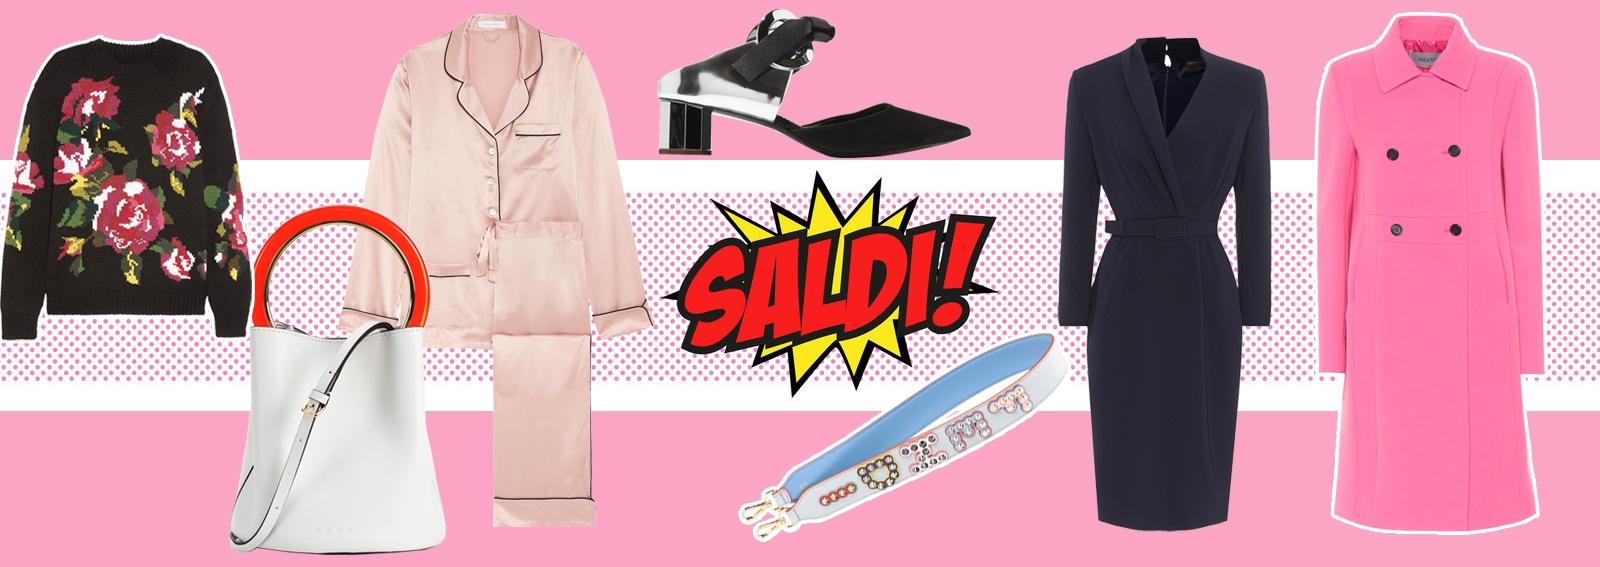 DESKTOP_saldi_must